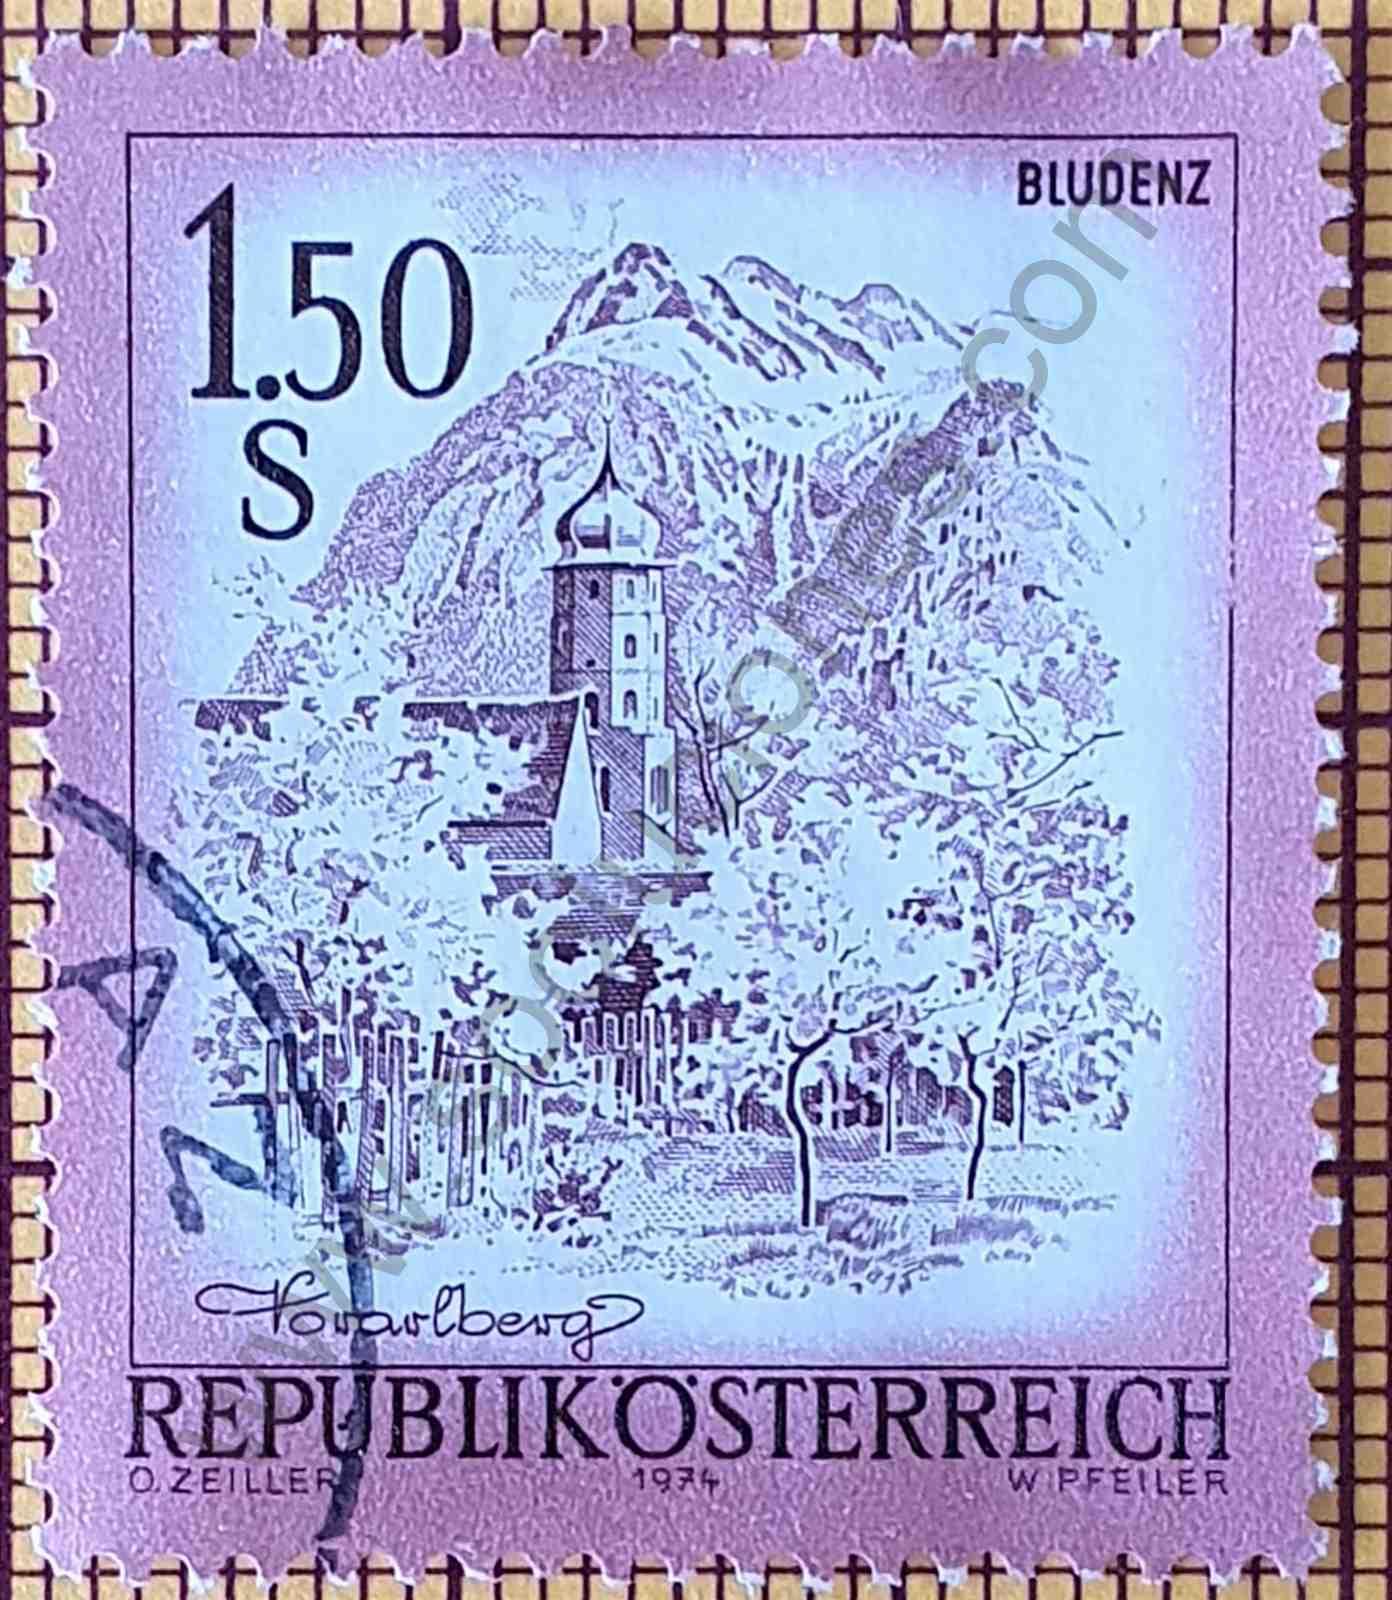 Paisaje de Bludenz - Estampilla de Austria año 1974